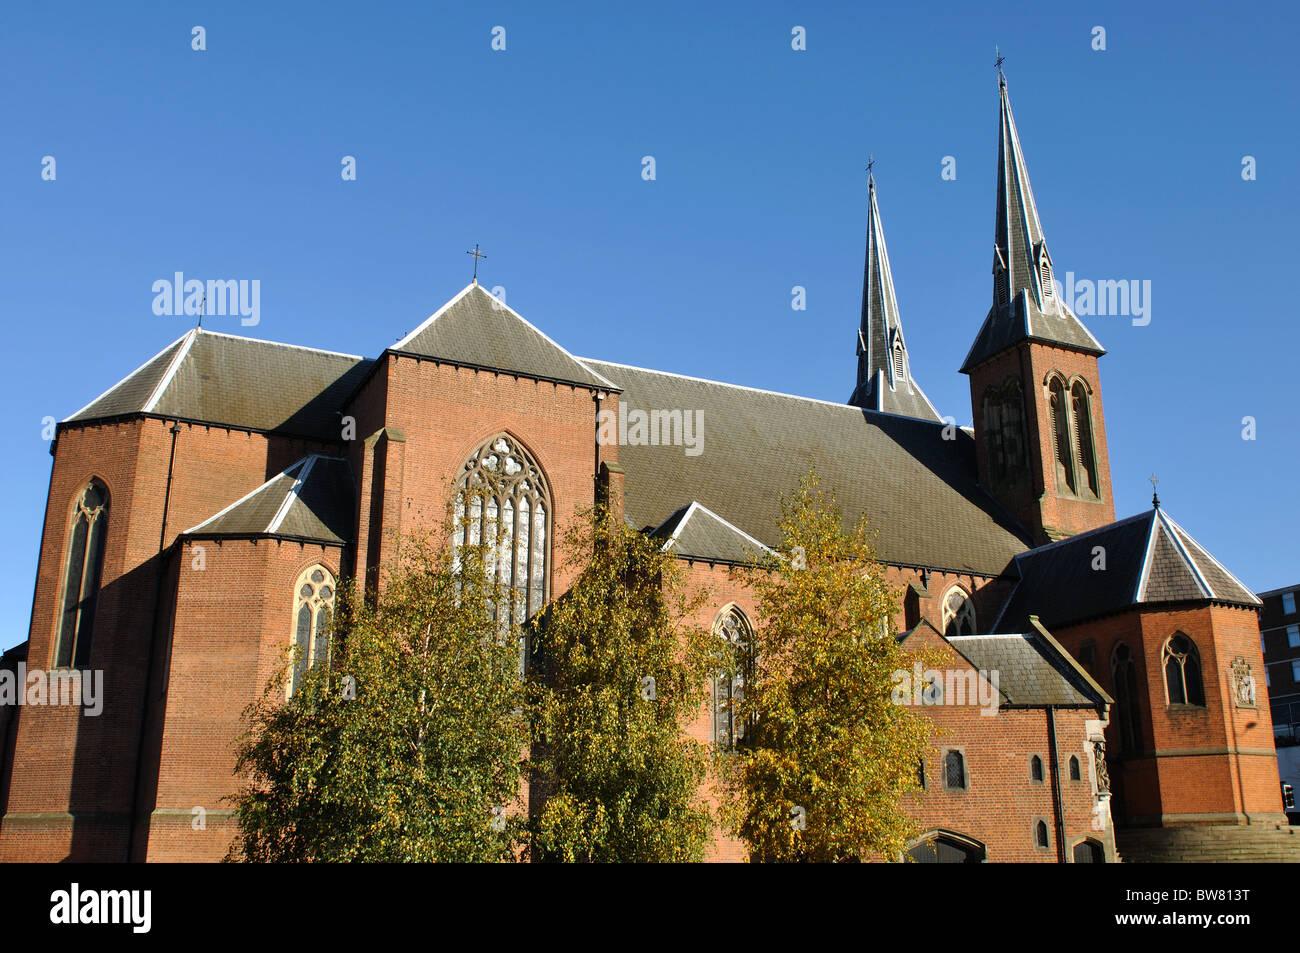 St. Chad`s Catholic Cathedral, Birmingham, UK - Stock Image